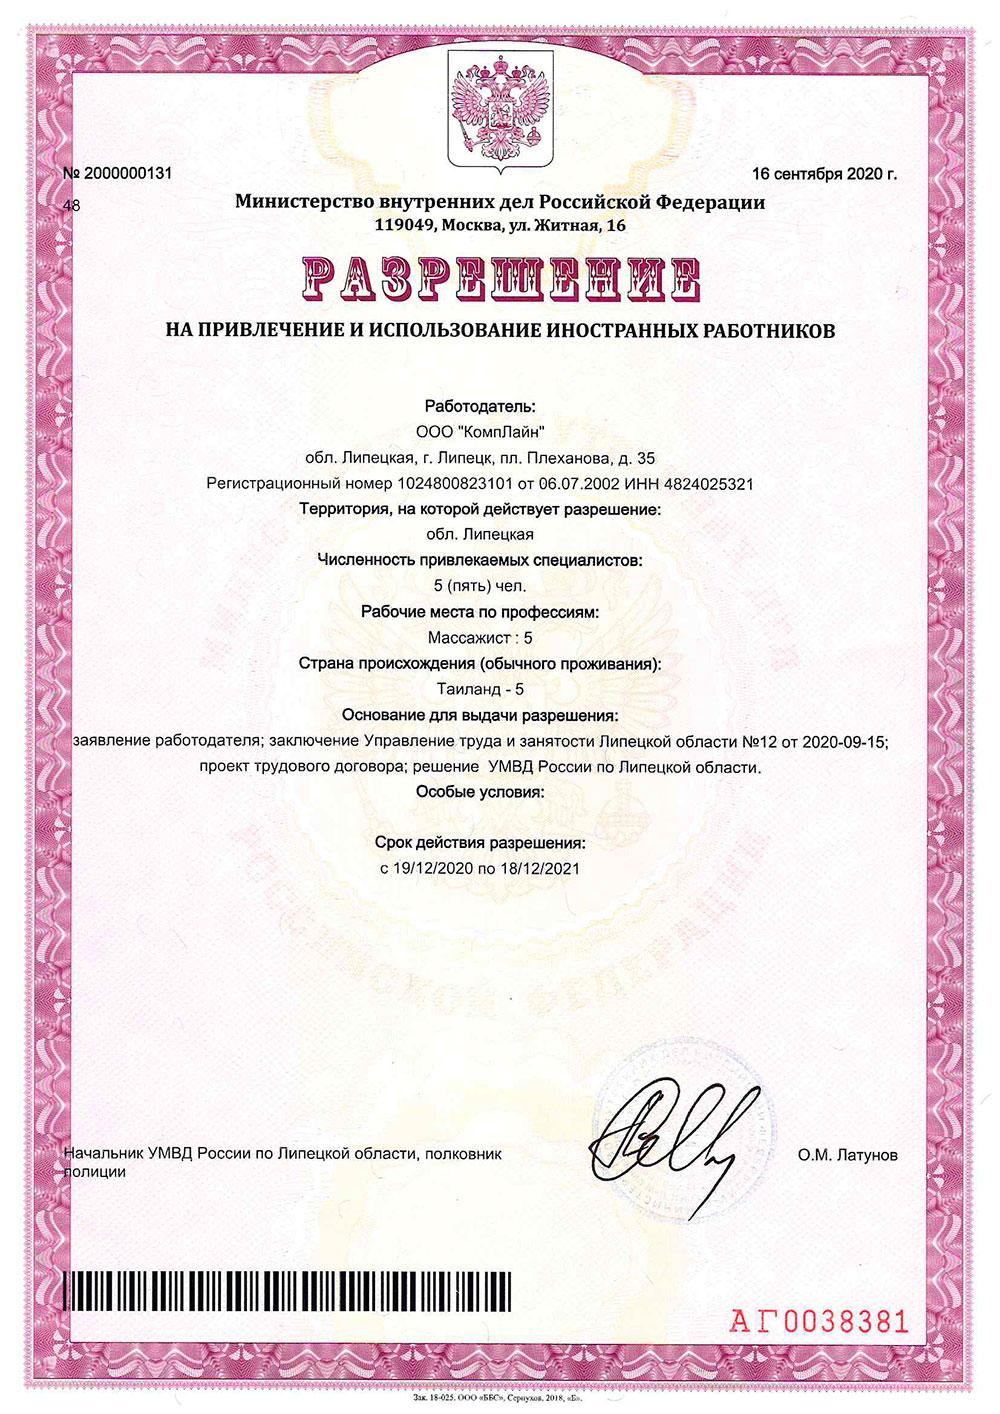 1. Разрешение на привлечение иностранной рабочей силы.